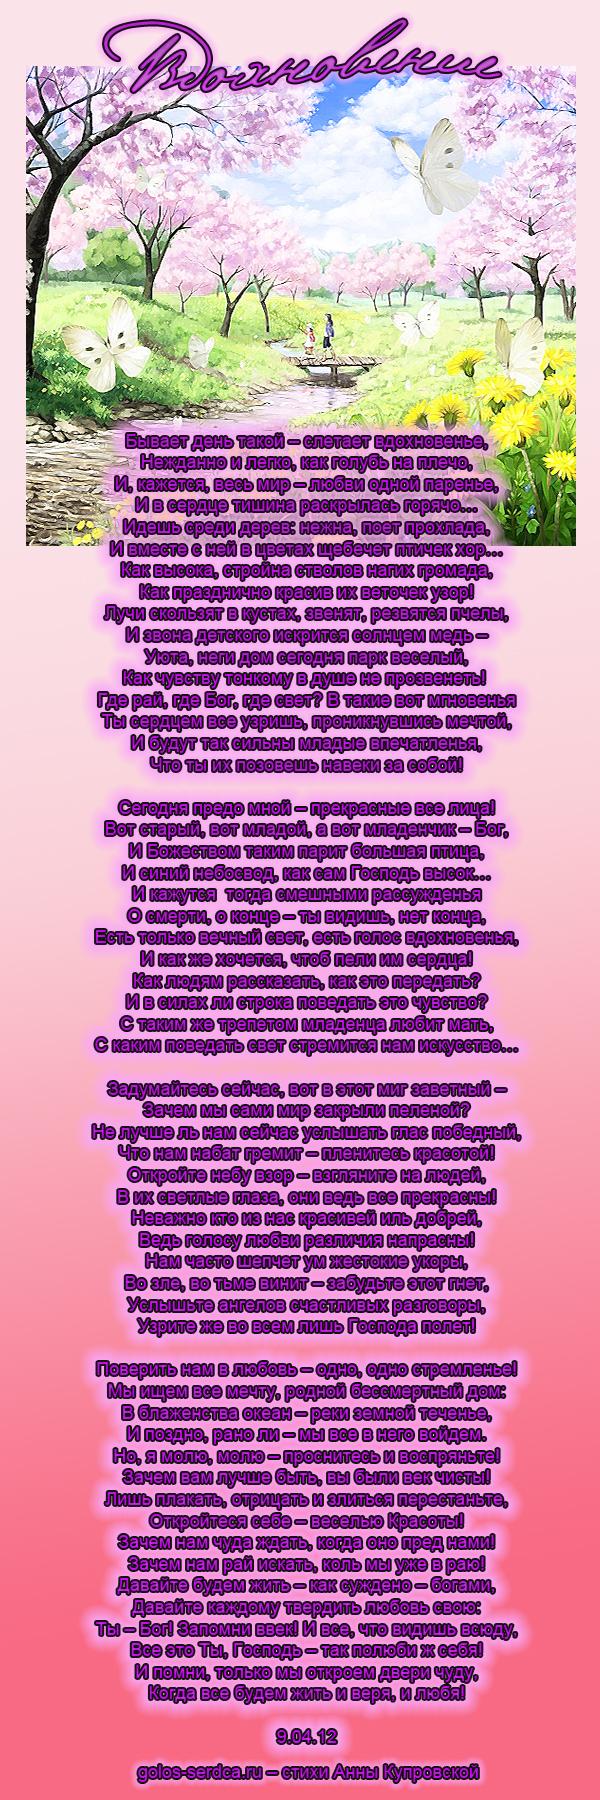 Вдохновение - стихи о жизни Анны Купровской